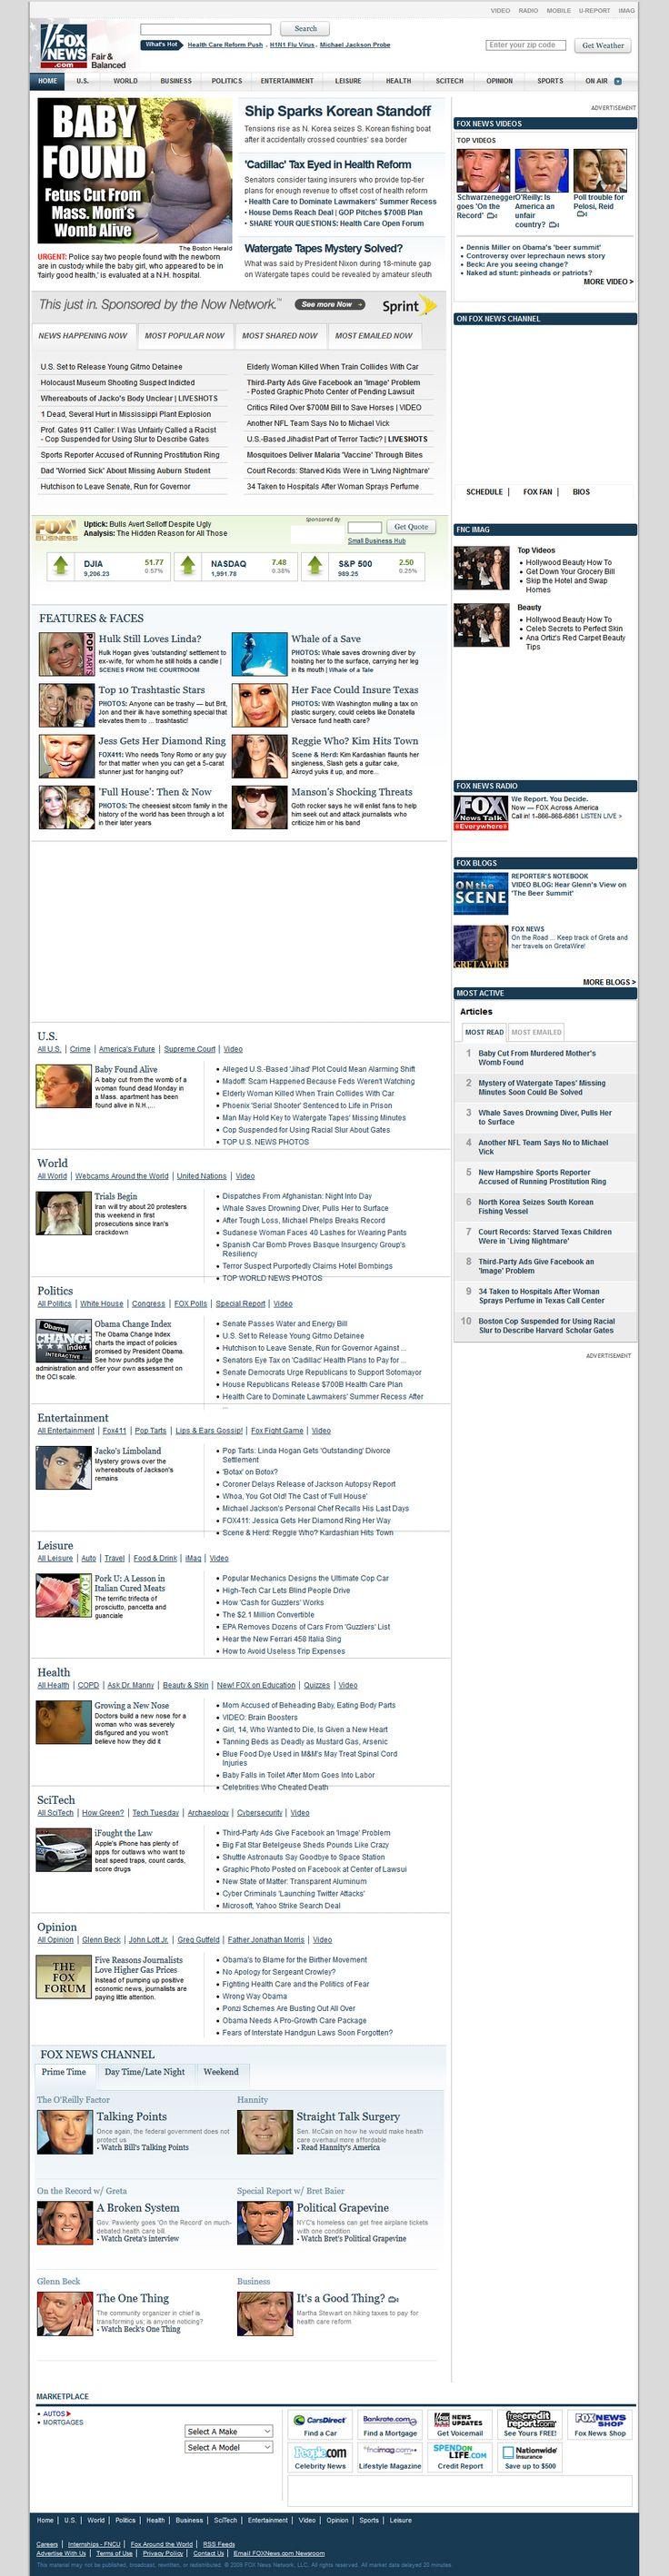 Fox News Channel website in 2009